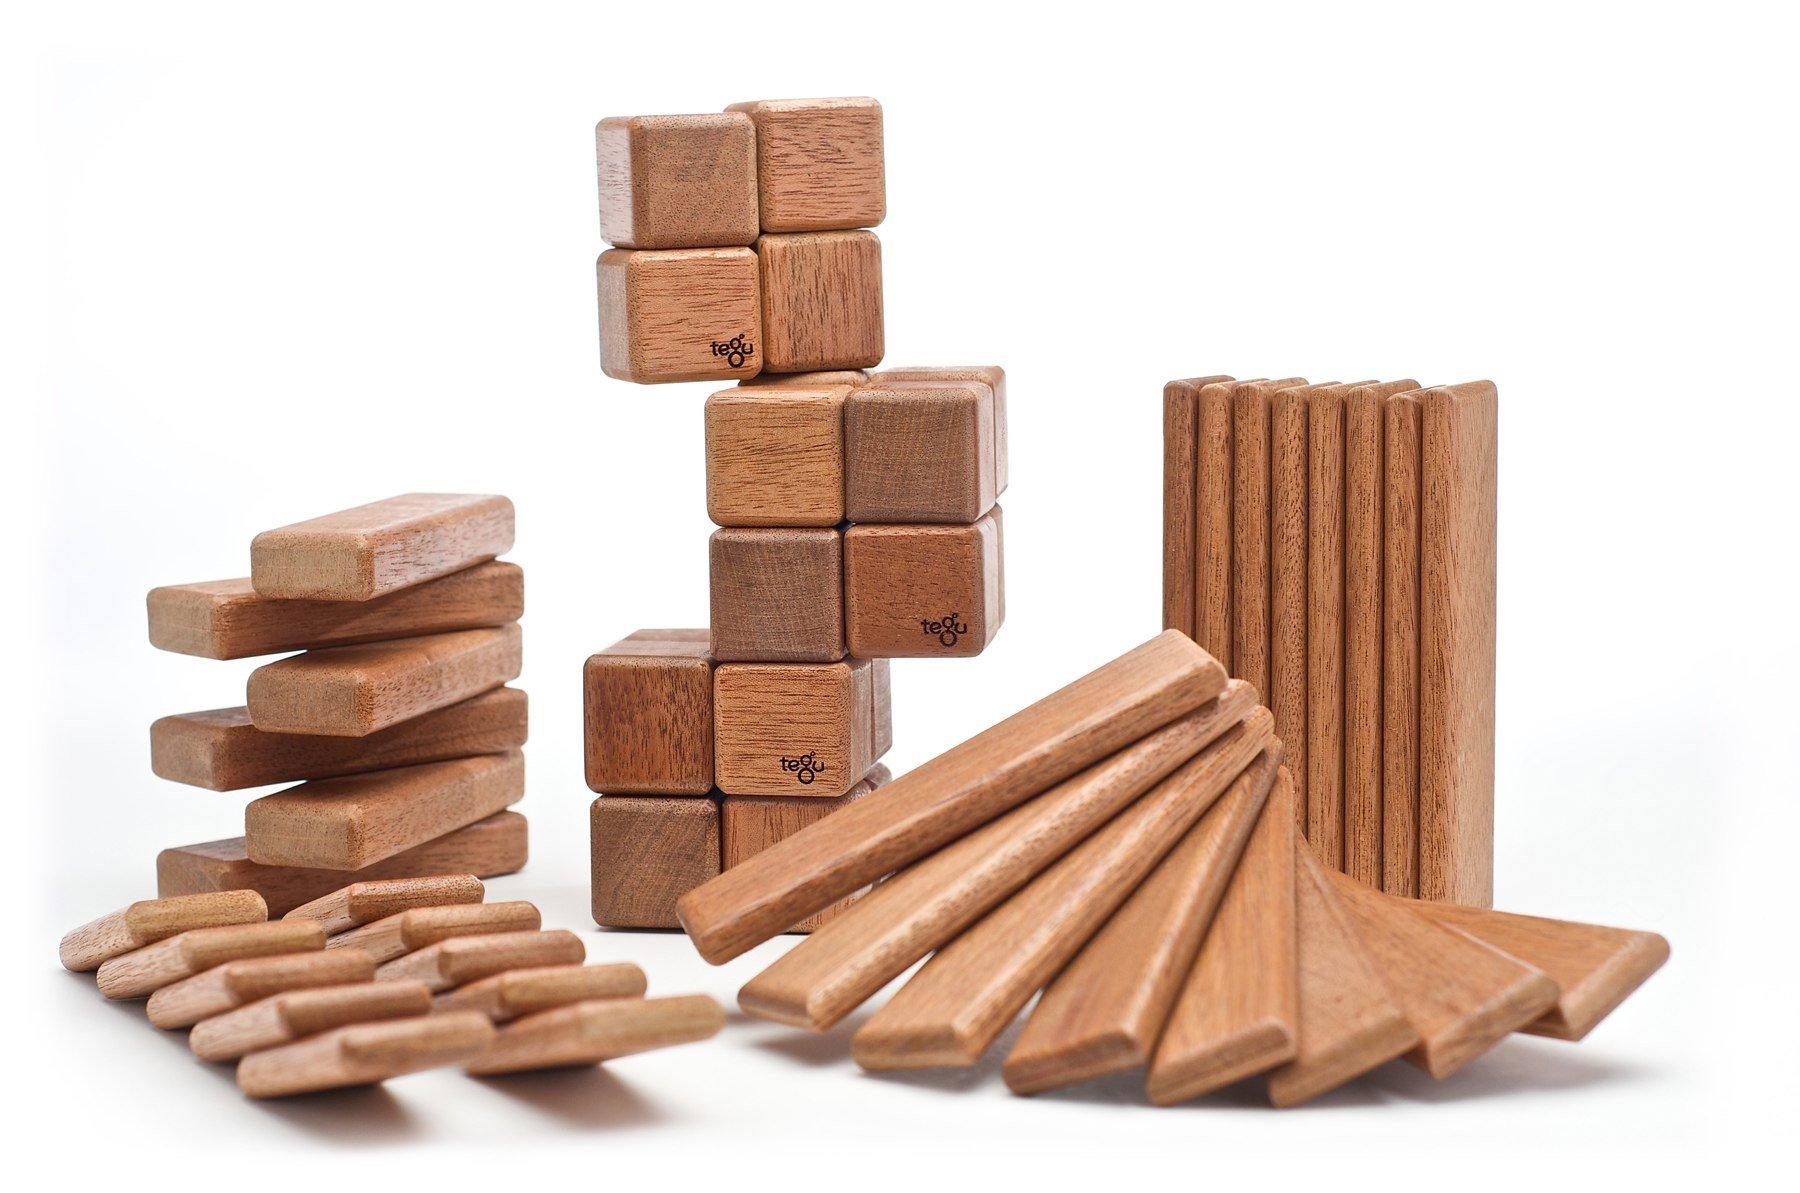 52 Piece Tegu Original Magnetic Wooden Block Set, Mahogany